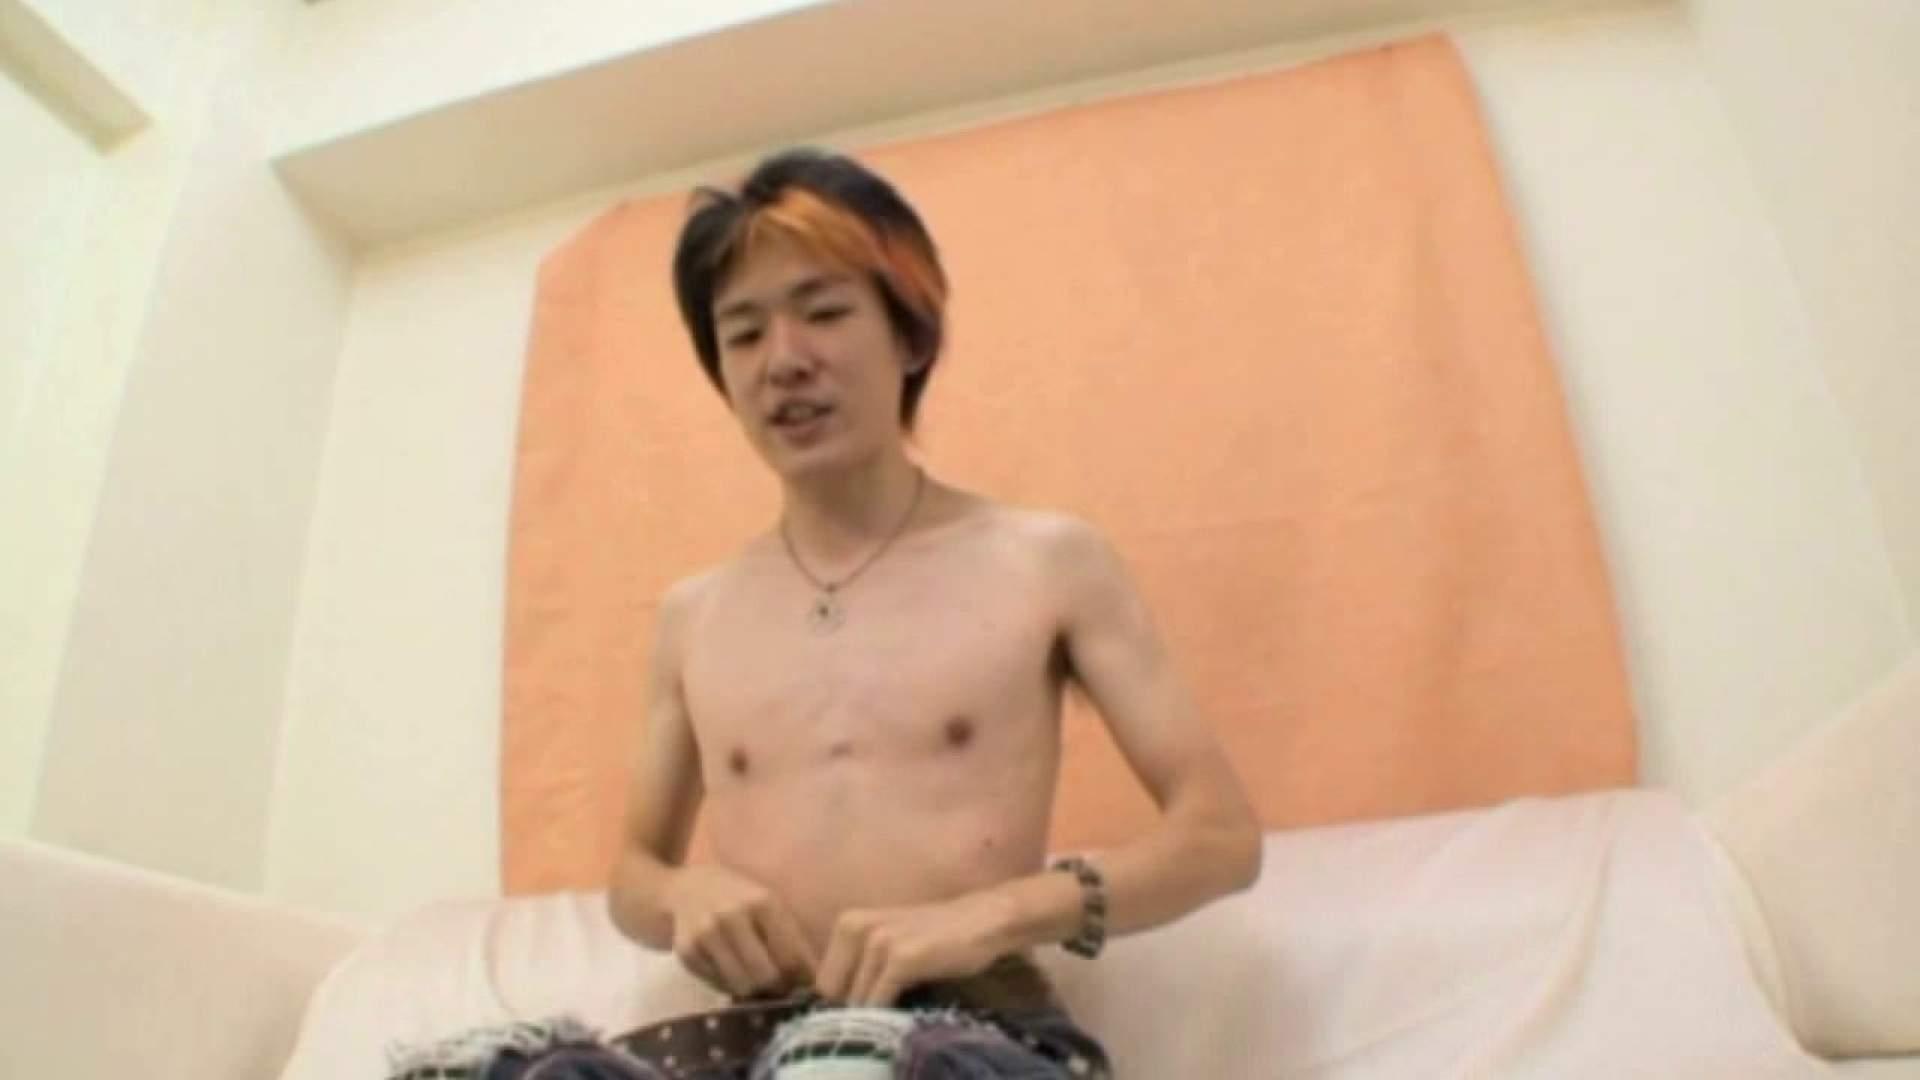 ノンケ!自慰スタジオ No.12 アナル挿入 男同士画像 102pic 92